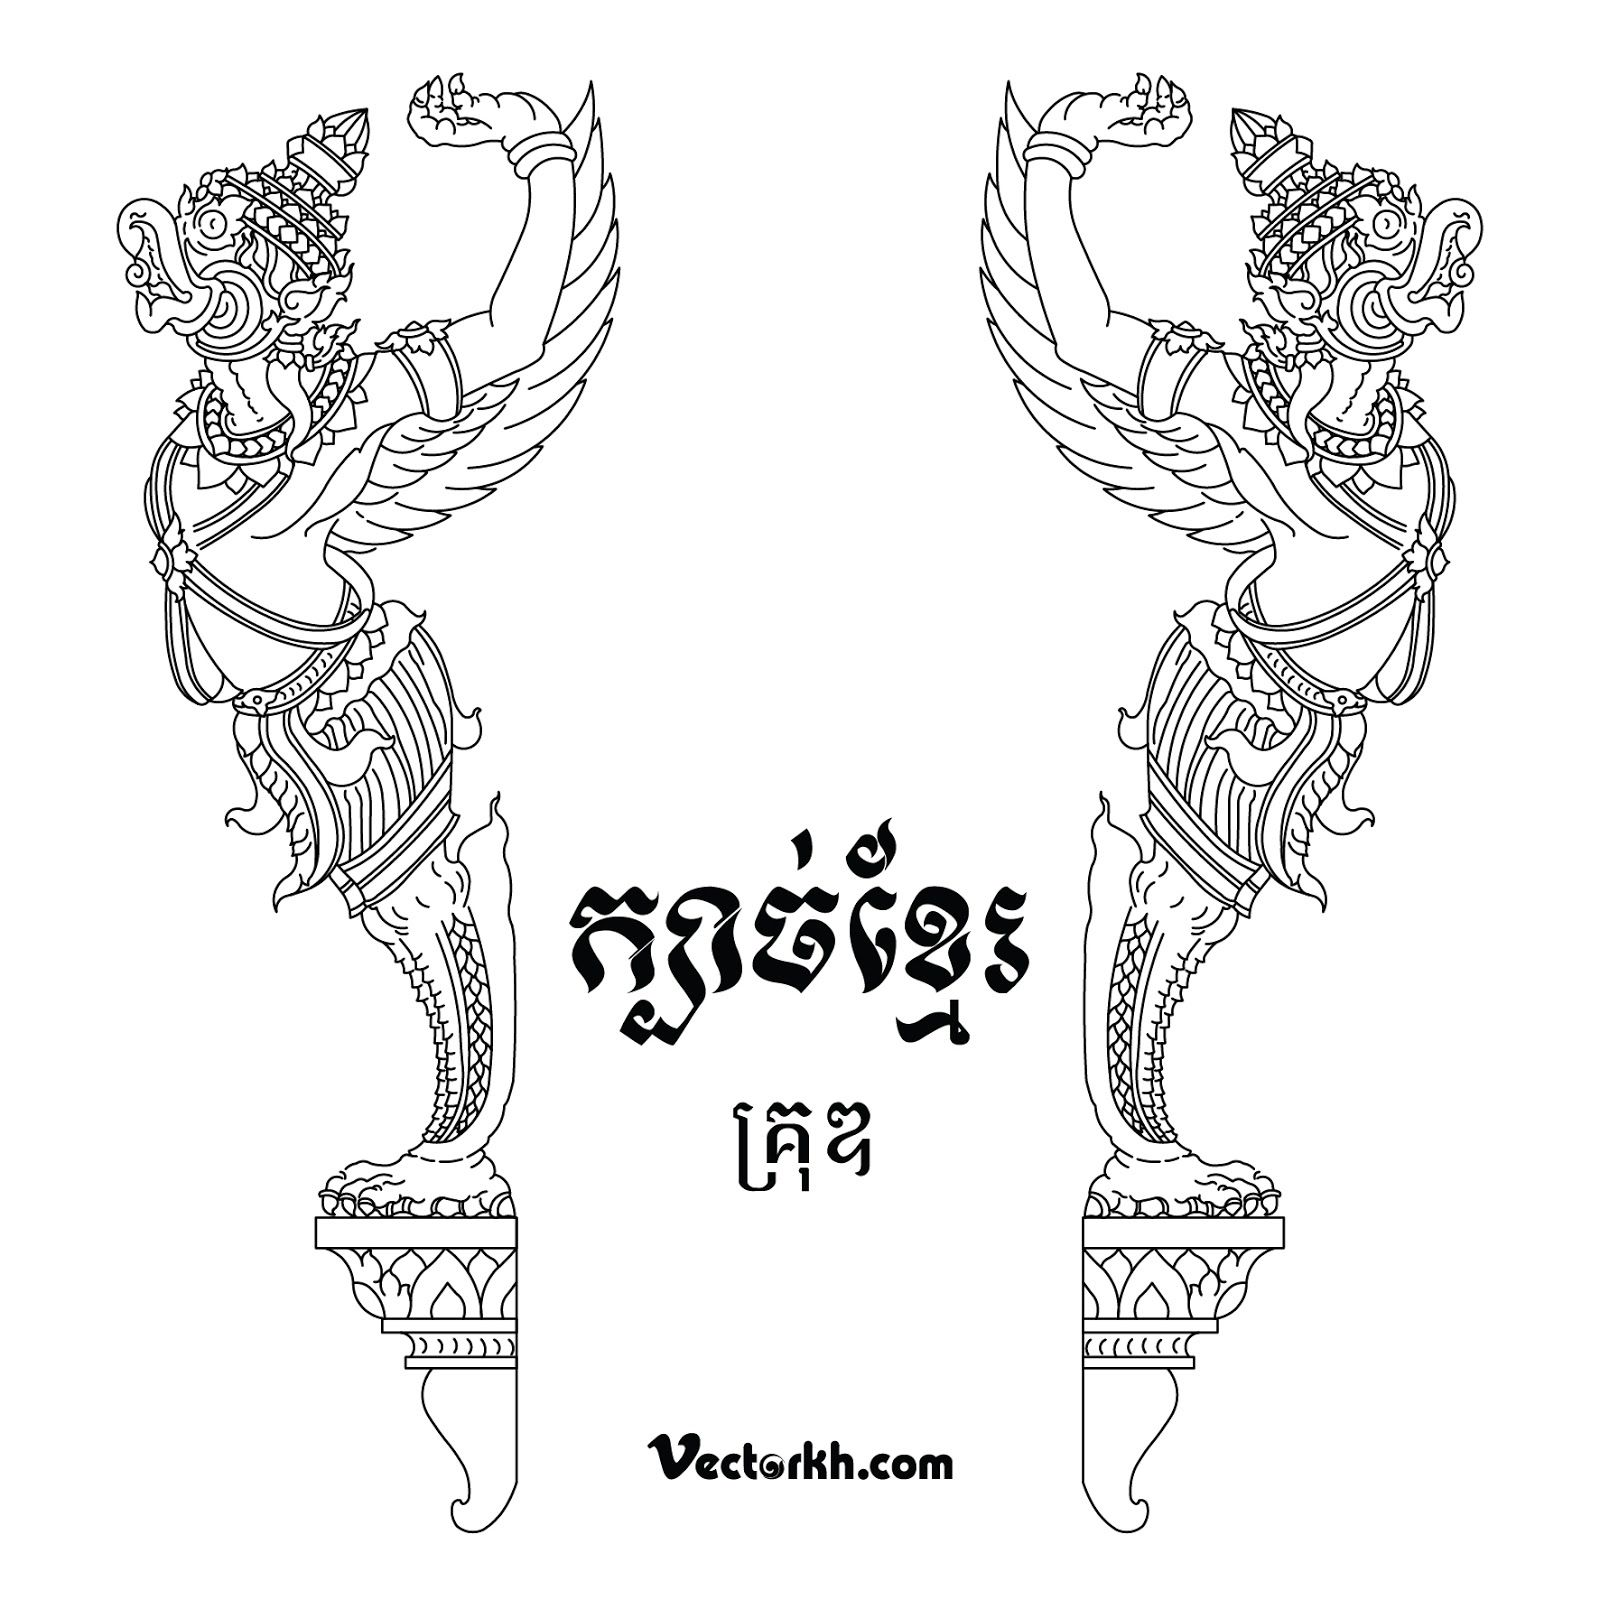 Kbach Khmer, Kbach Kbach Krut free vector 19 (khmer